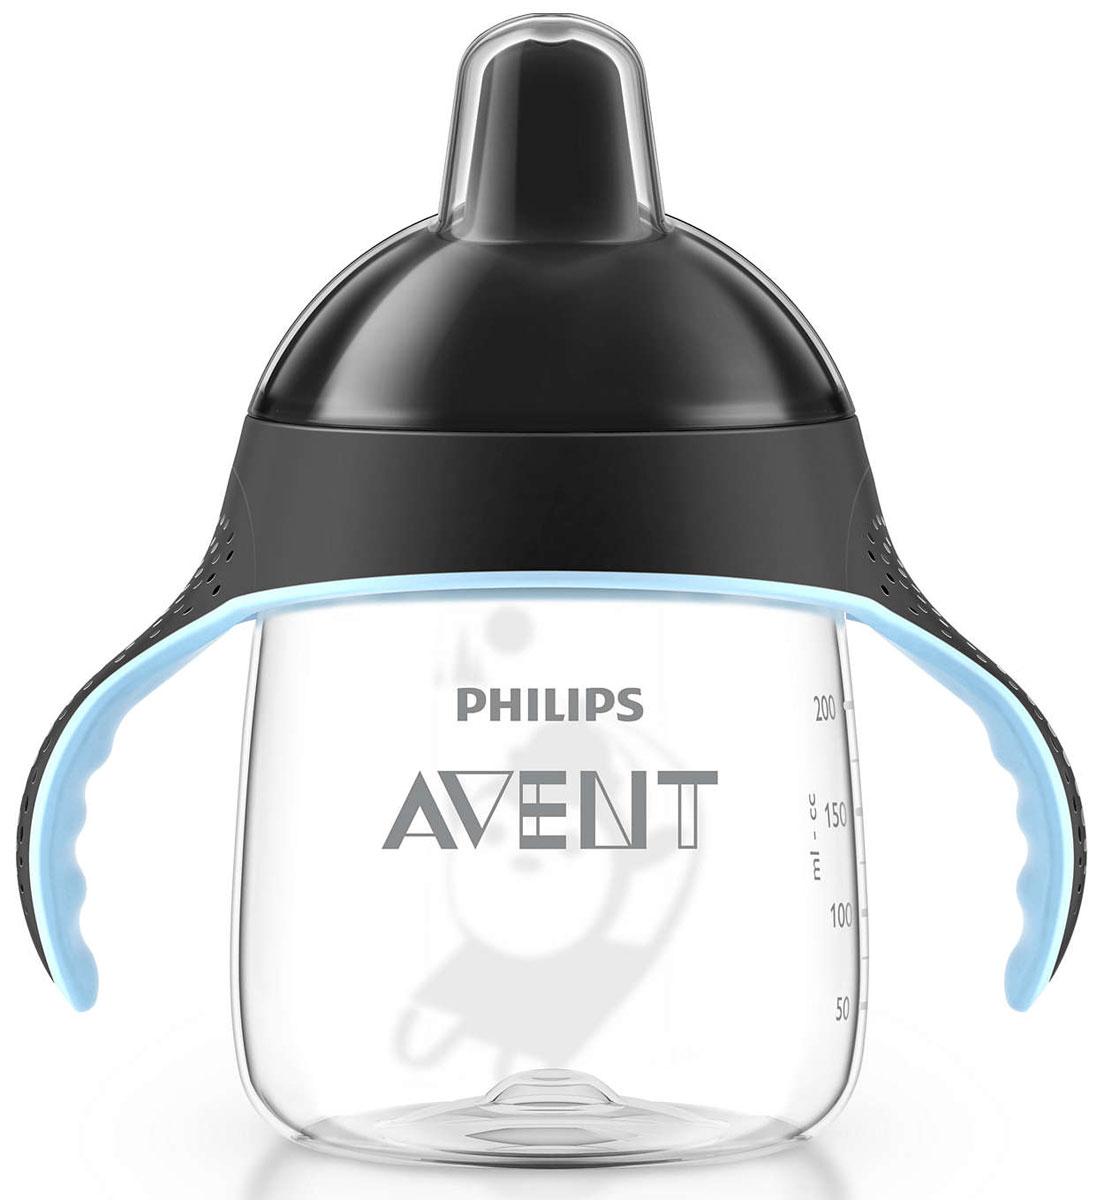 Philips Avent Волшебная чашка-непроливайка для детей от 12мес., черный SCF753/03 philips avent волшебная чашка непроливайка для детей от 12мес голубой scf753 00